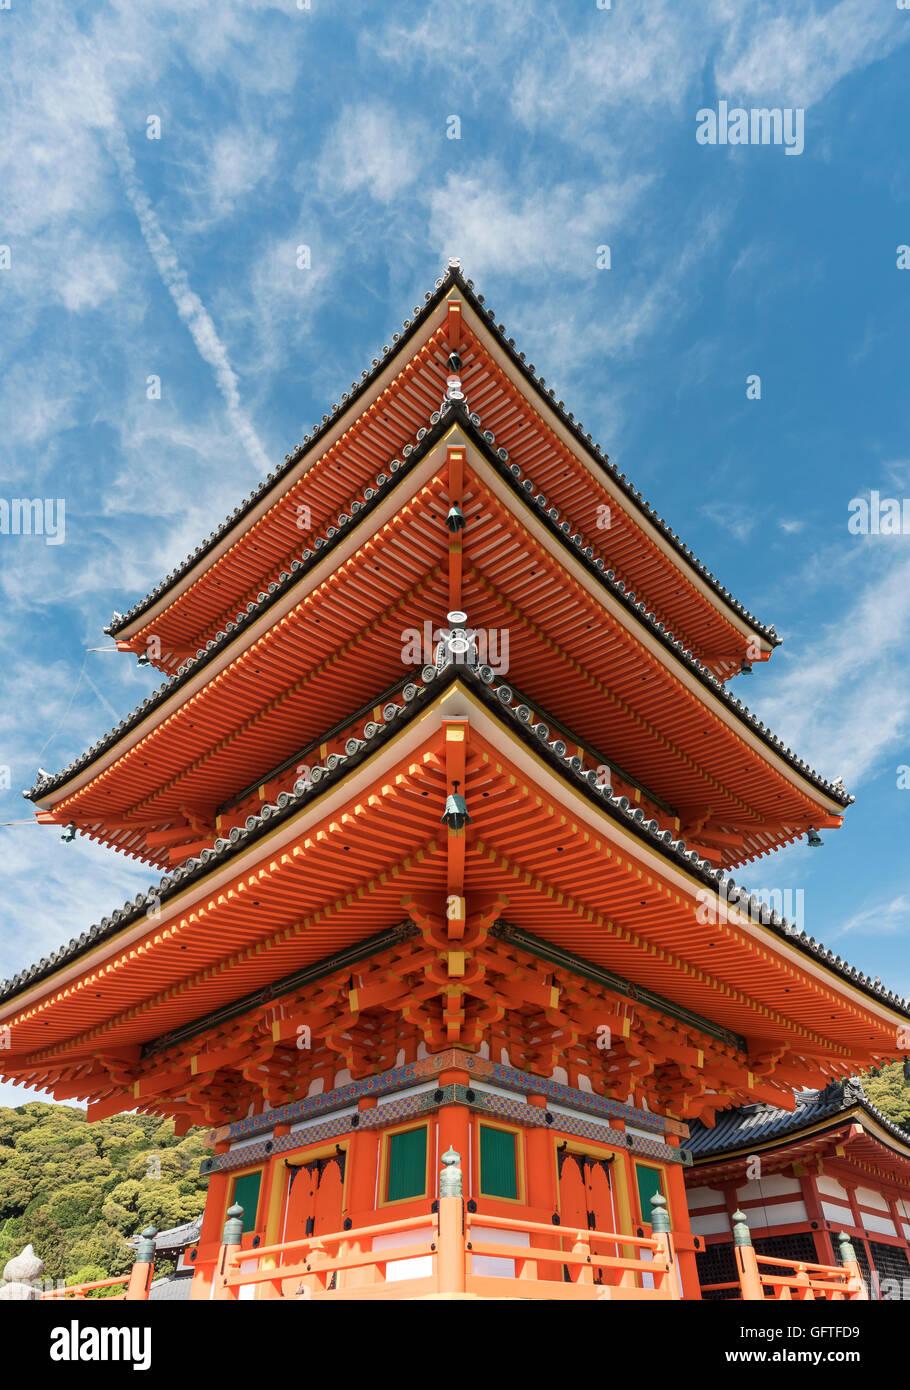 Three-story Pagoda, Kiyomizudera (Kiyomizu-dera) Temple, Kyoto, Japan - Stock Image